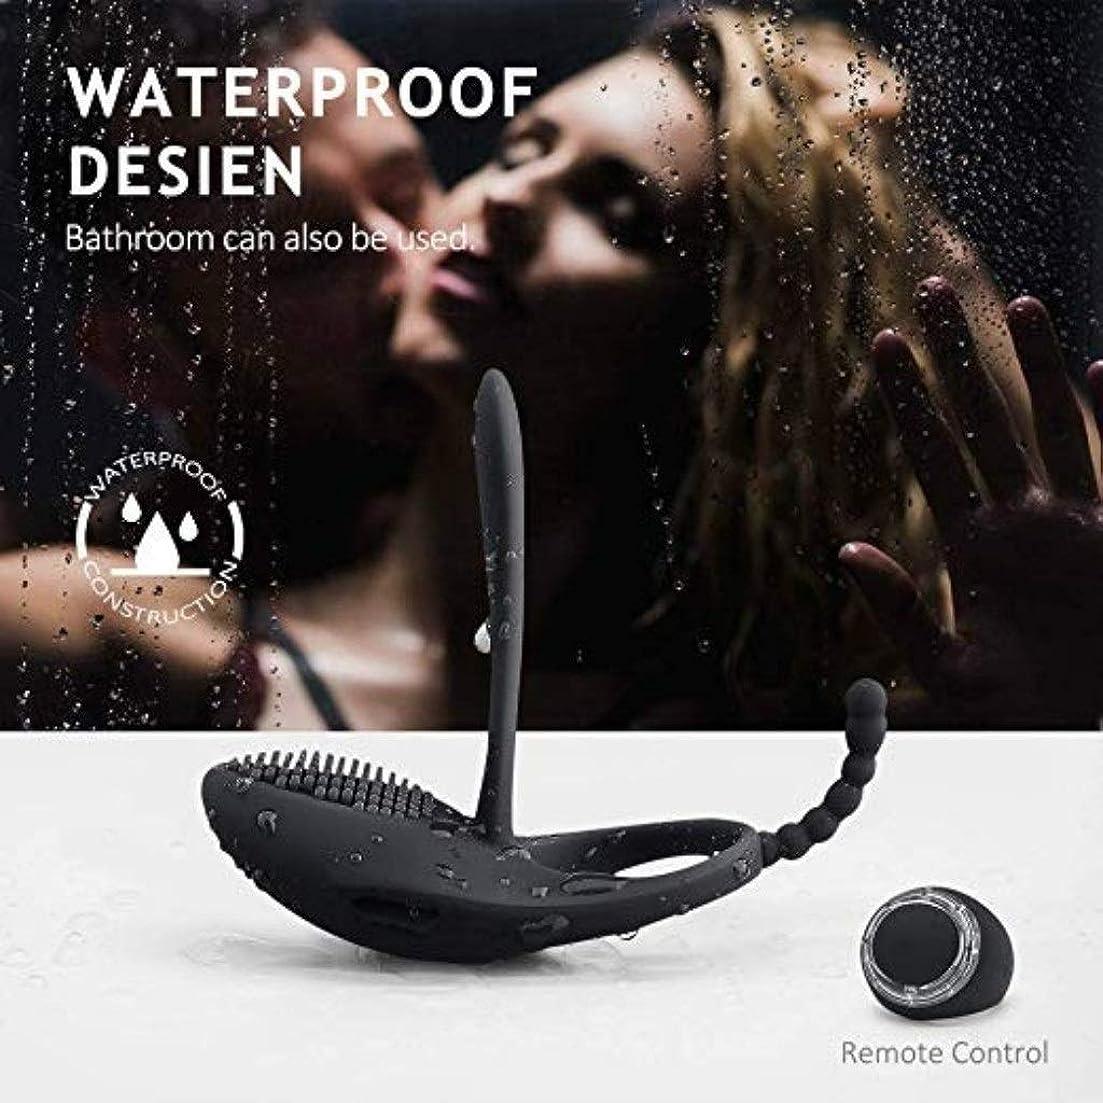 避難フローインタネットを見るCJZ-BDファッションパーソナリティ小道具 防水シリコーンコックリング振動ペニスマッサージセックスリング 慎重なパッケージ